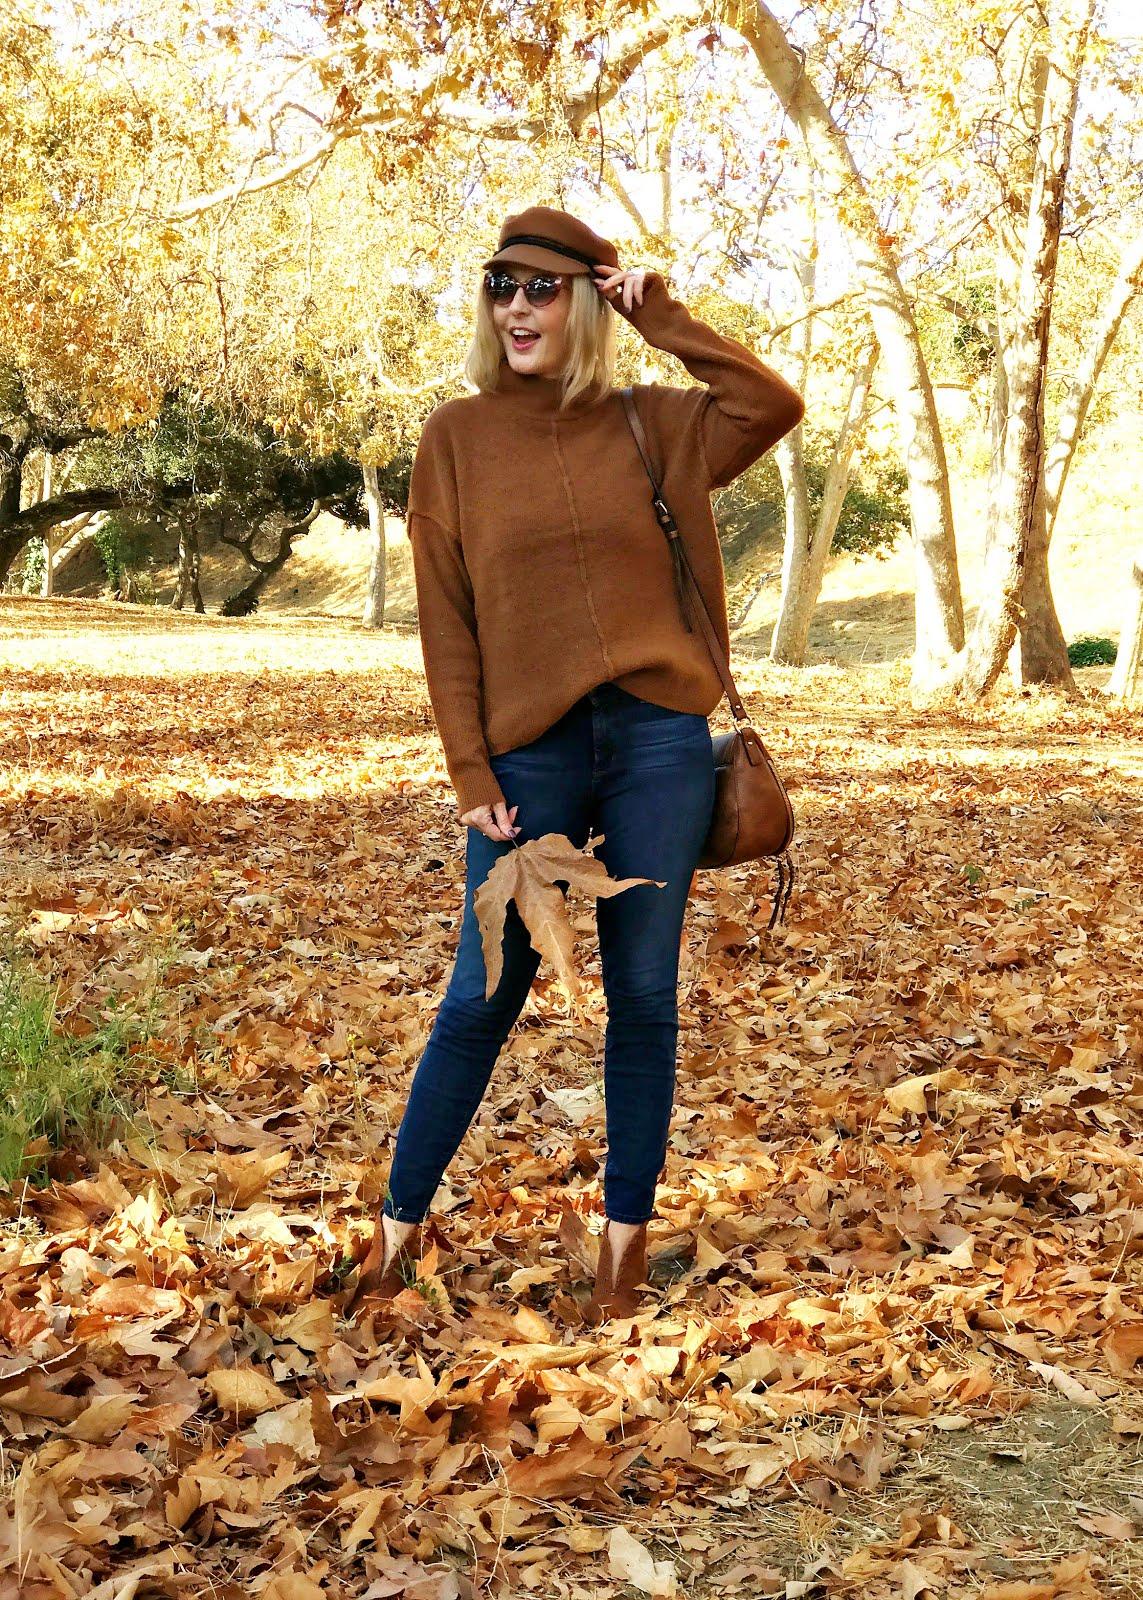 Fall Leaves & Fall Back